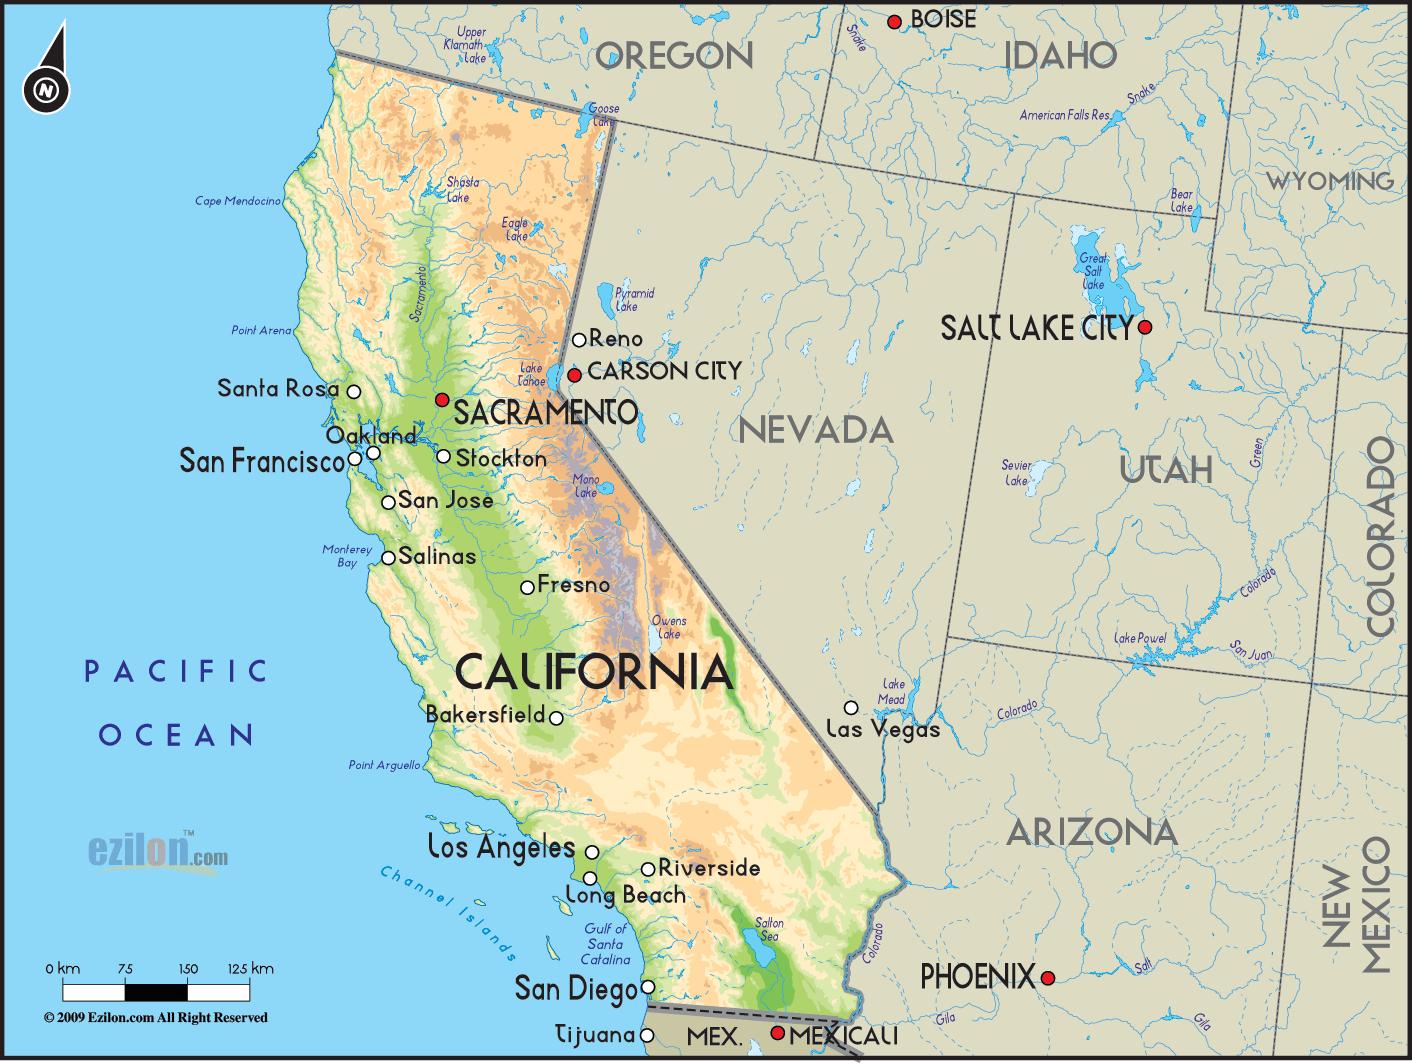 California Simple Map Of California Springs Map Of California And - Map Of Las Vegas And California